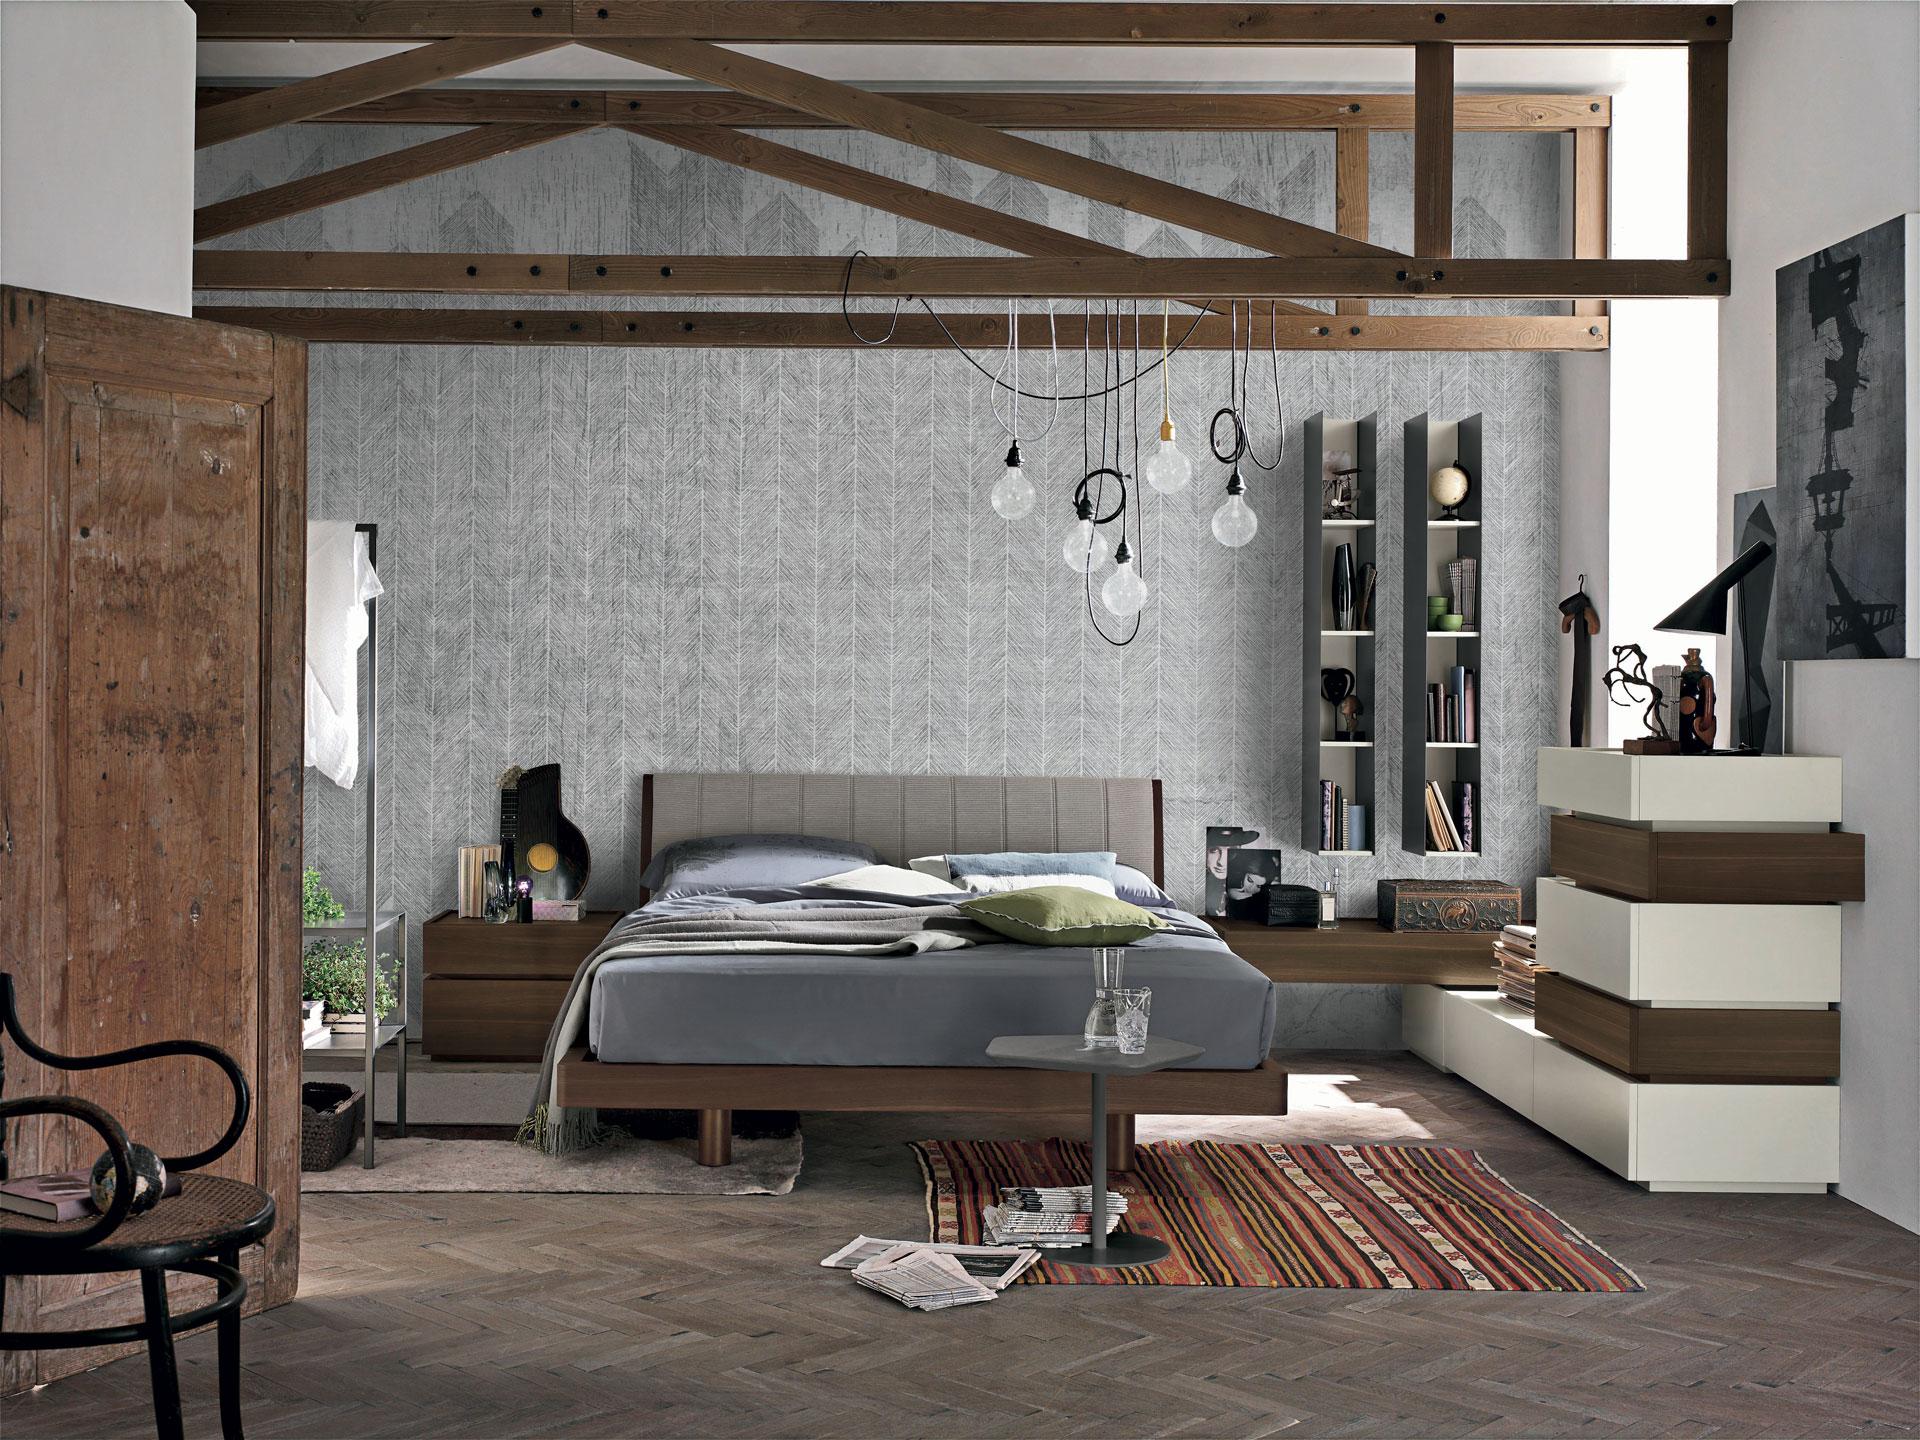 Camere da letto arredamenti molon gerardo arredamenti for Arredamenti al vo